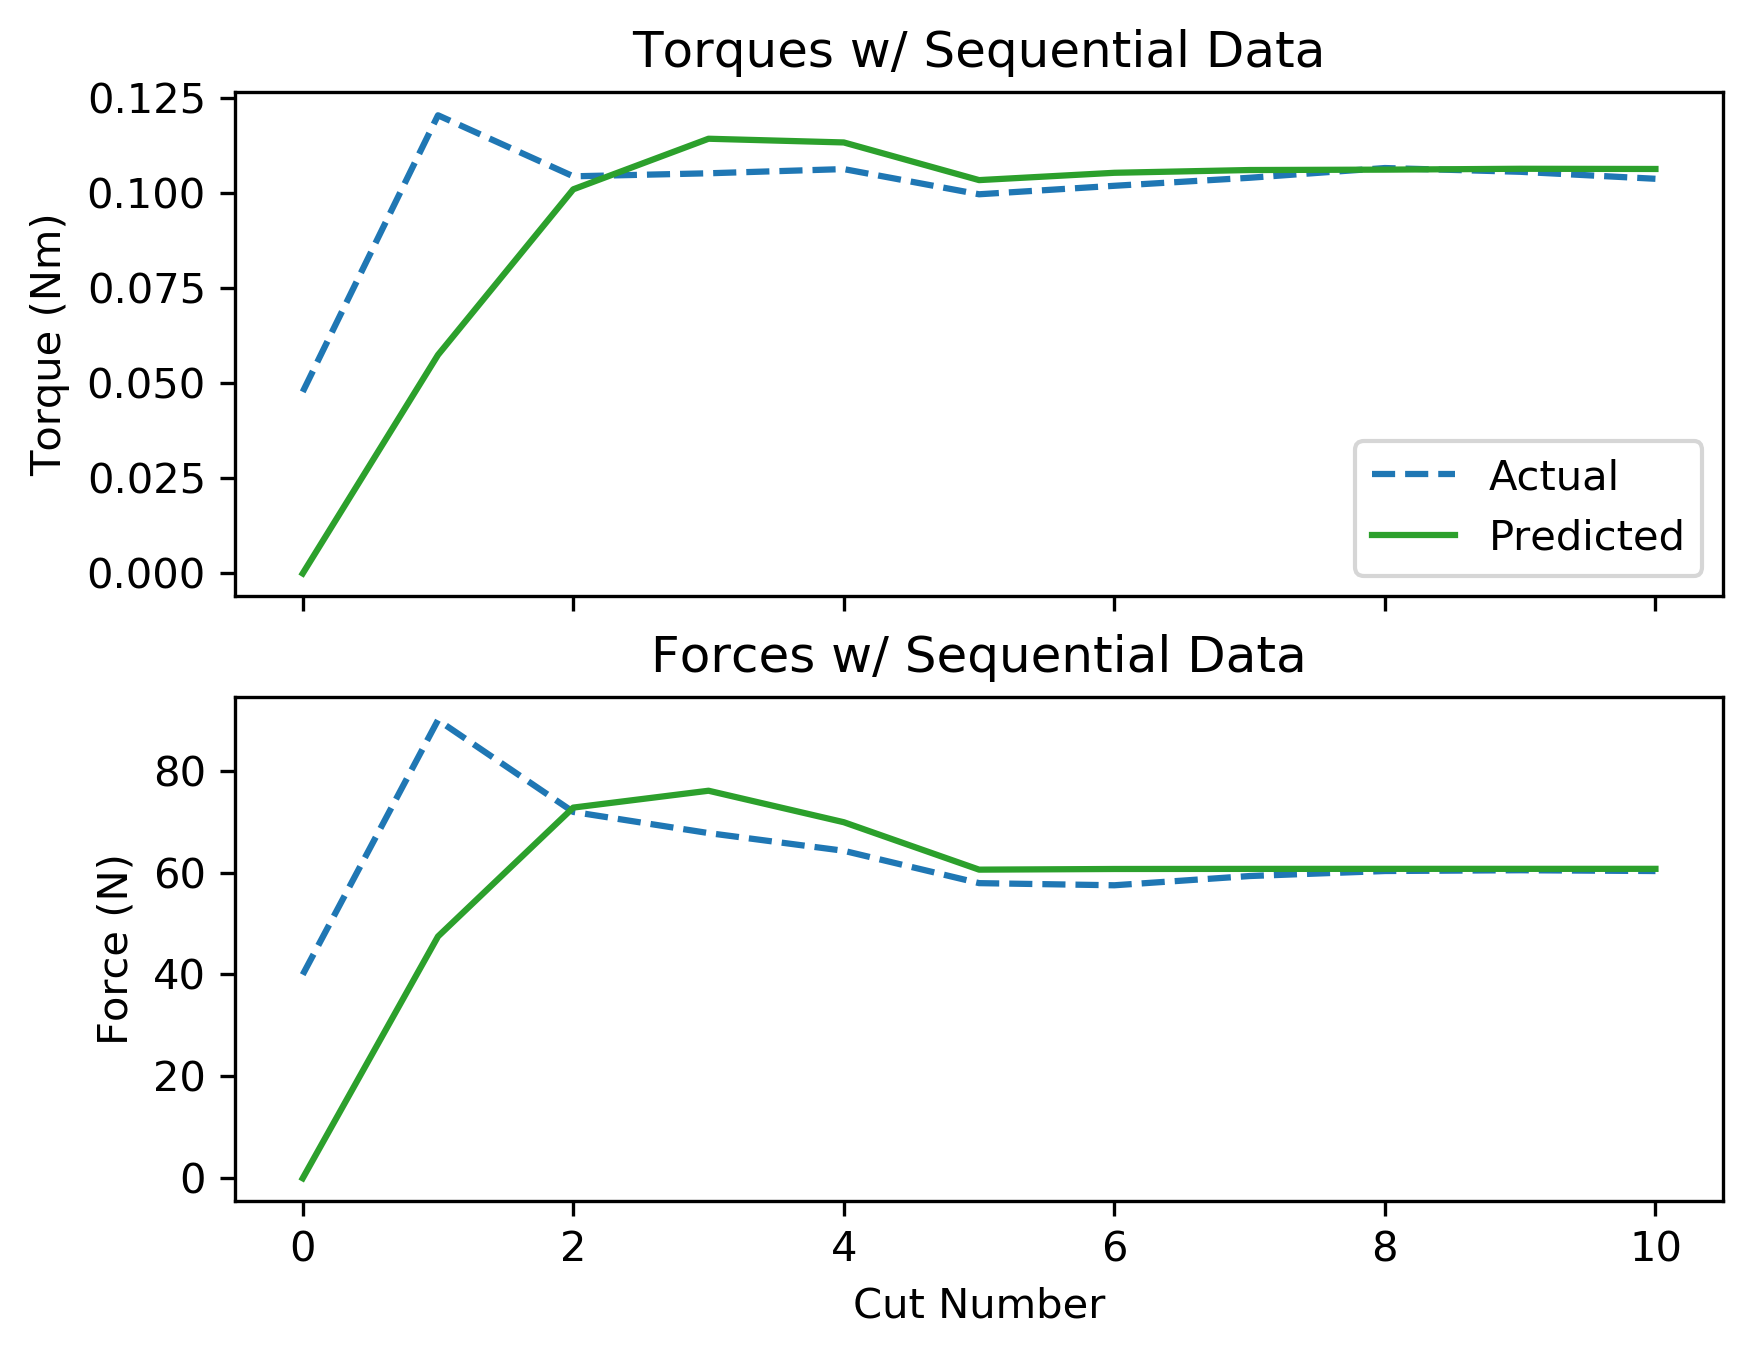 assets/ammp_graphs/ammp-4140-1_8_seq_data.png